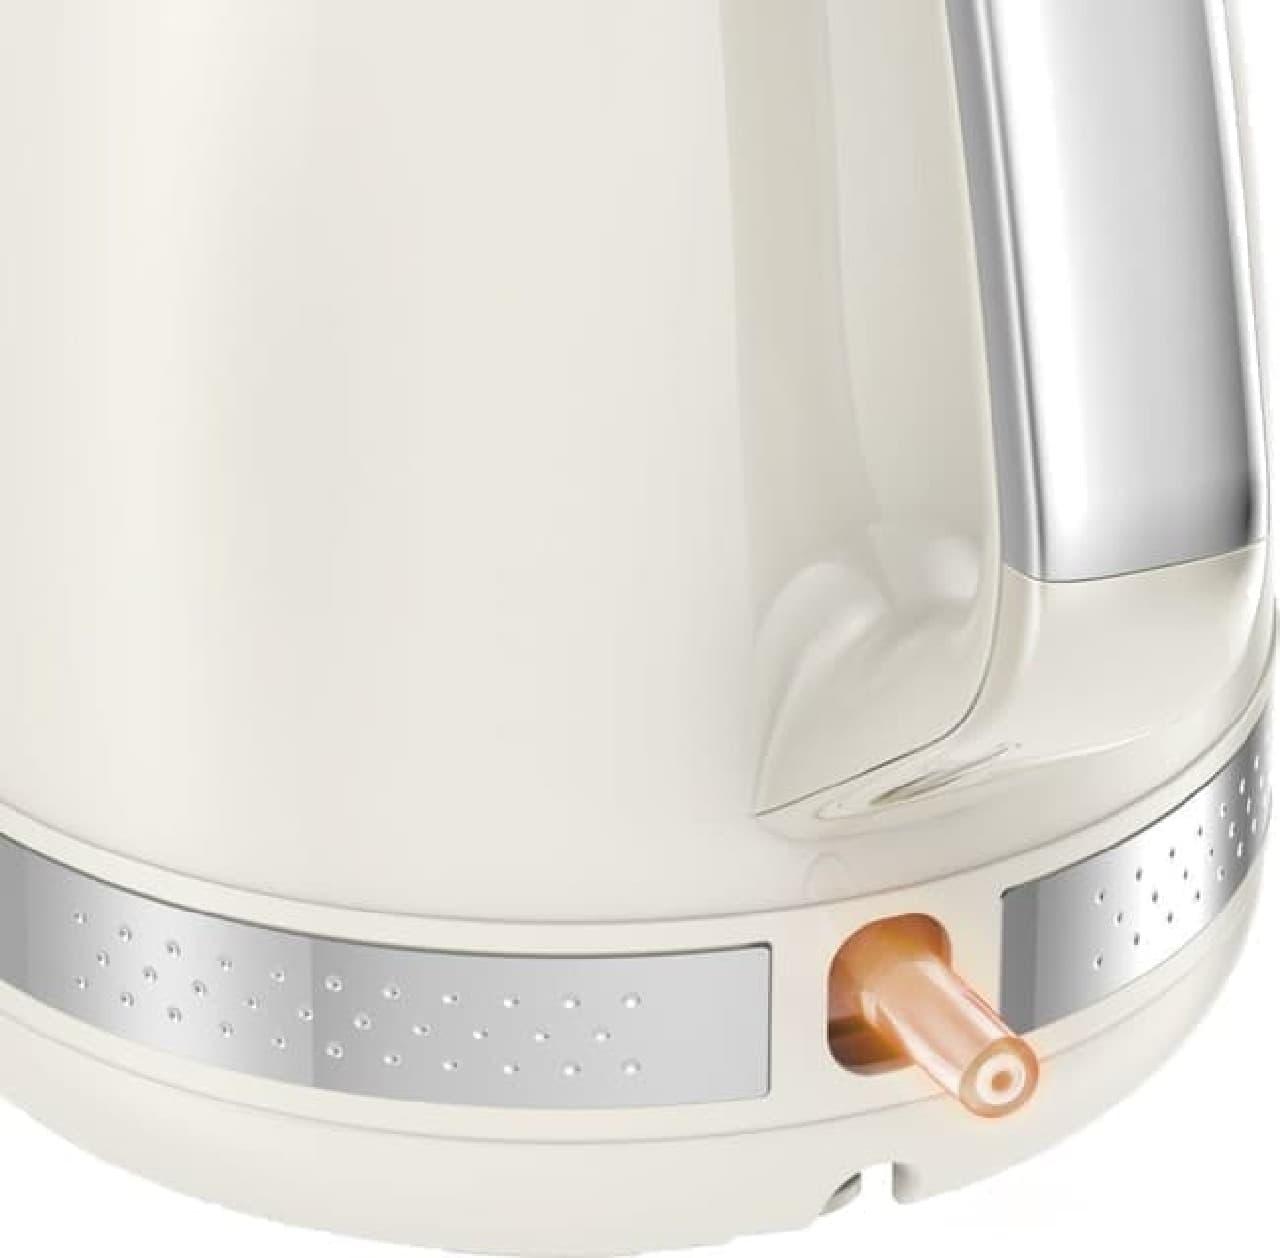 レトロな電気ケトル「マチネ 1.0L」がティファールから -- 素早く沸かせて空焚き防止機能も